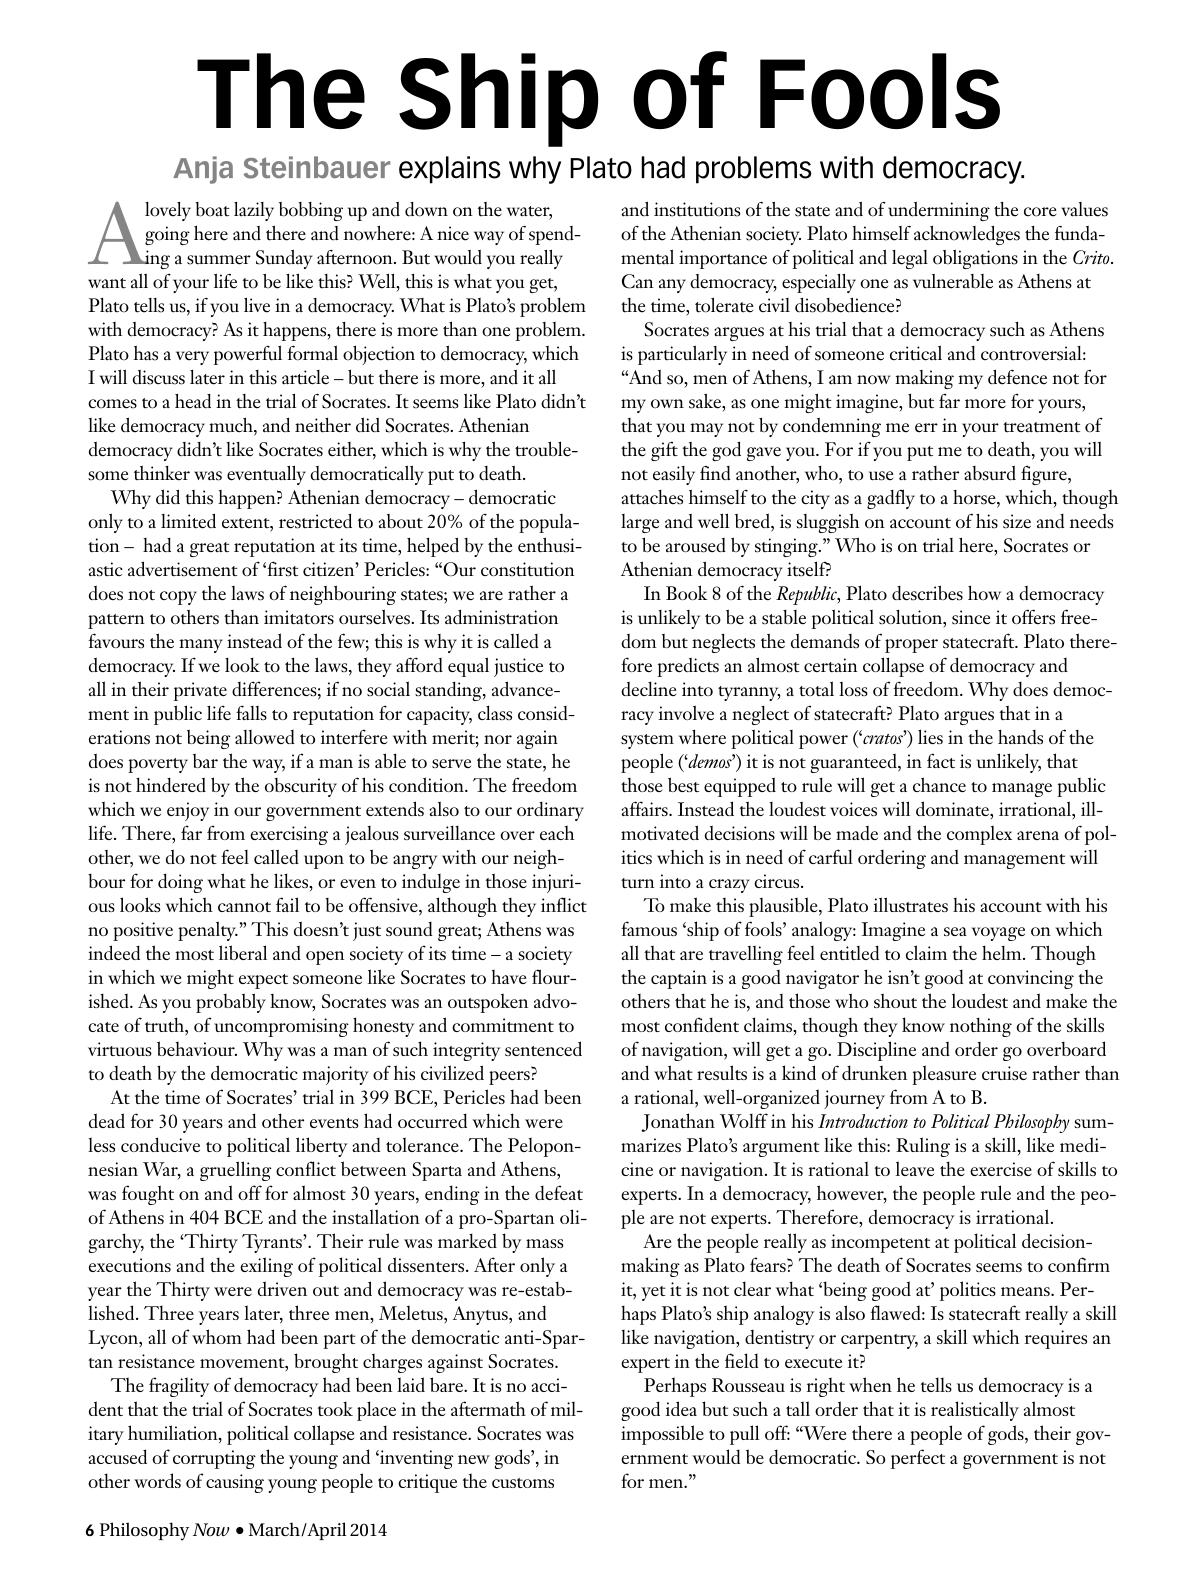 plato s arguments against democracy